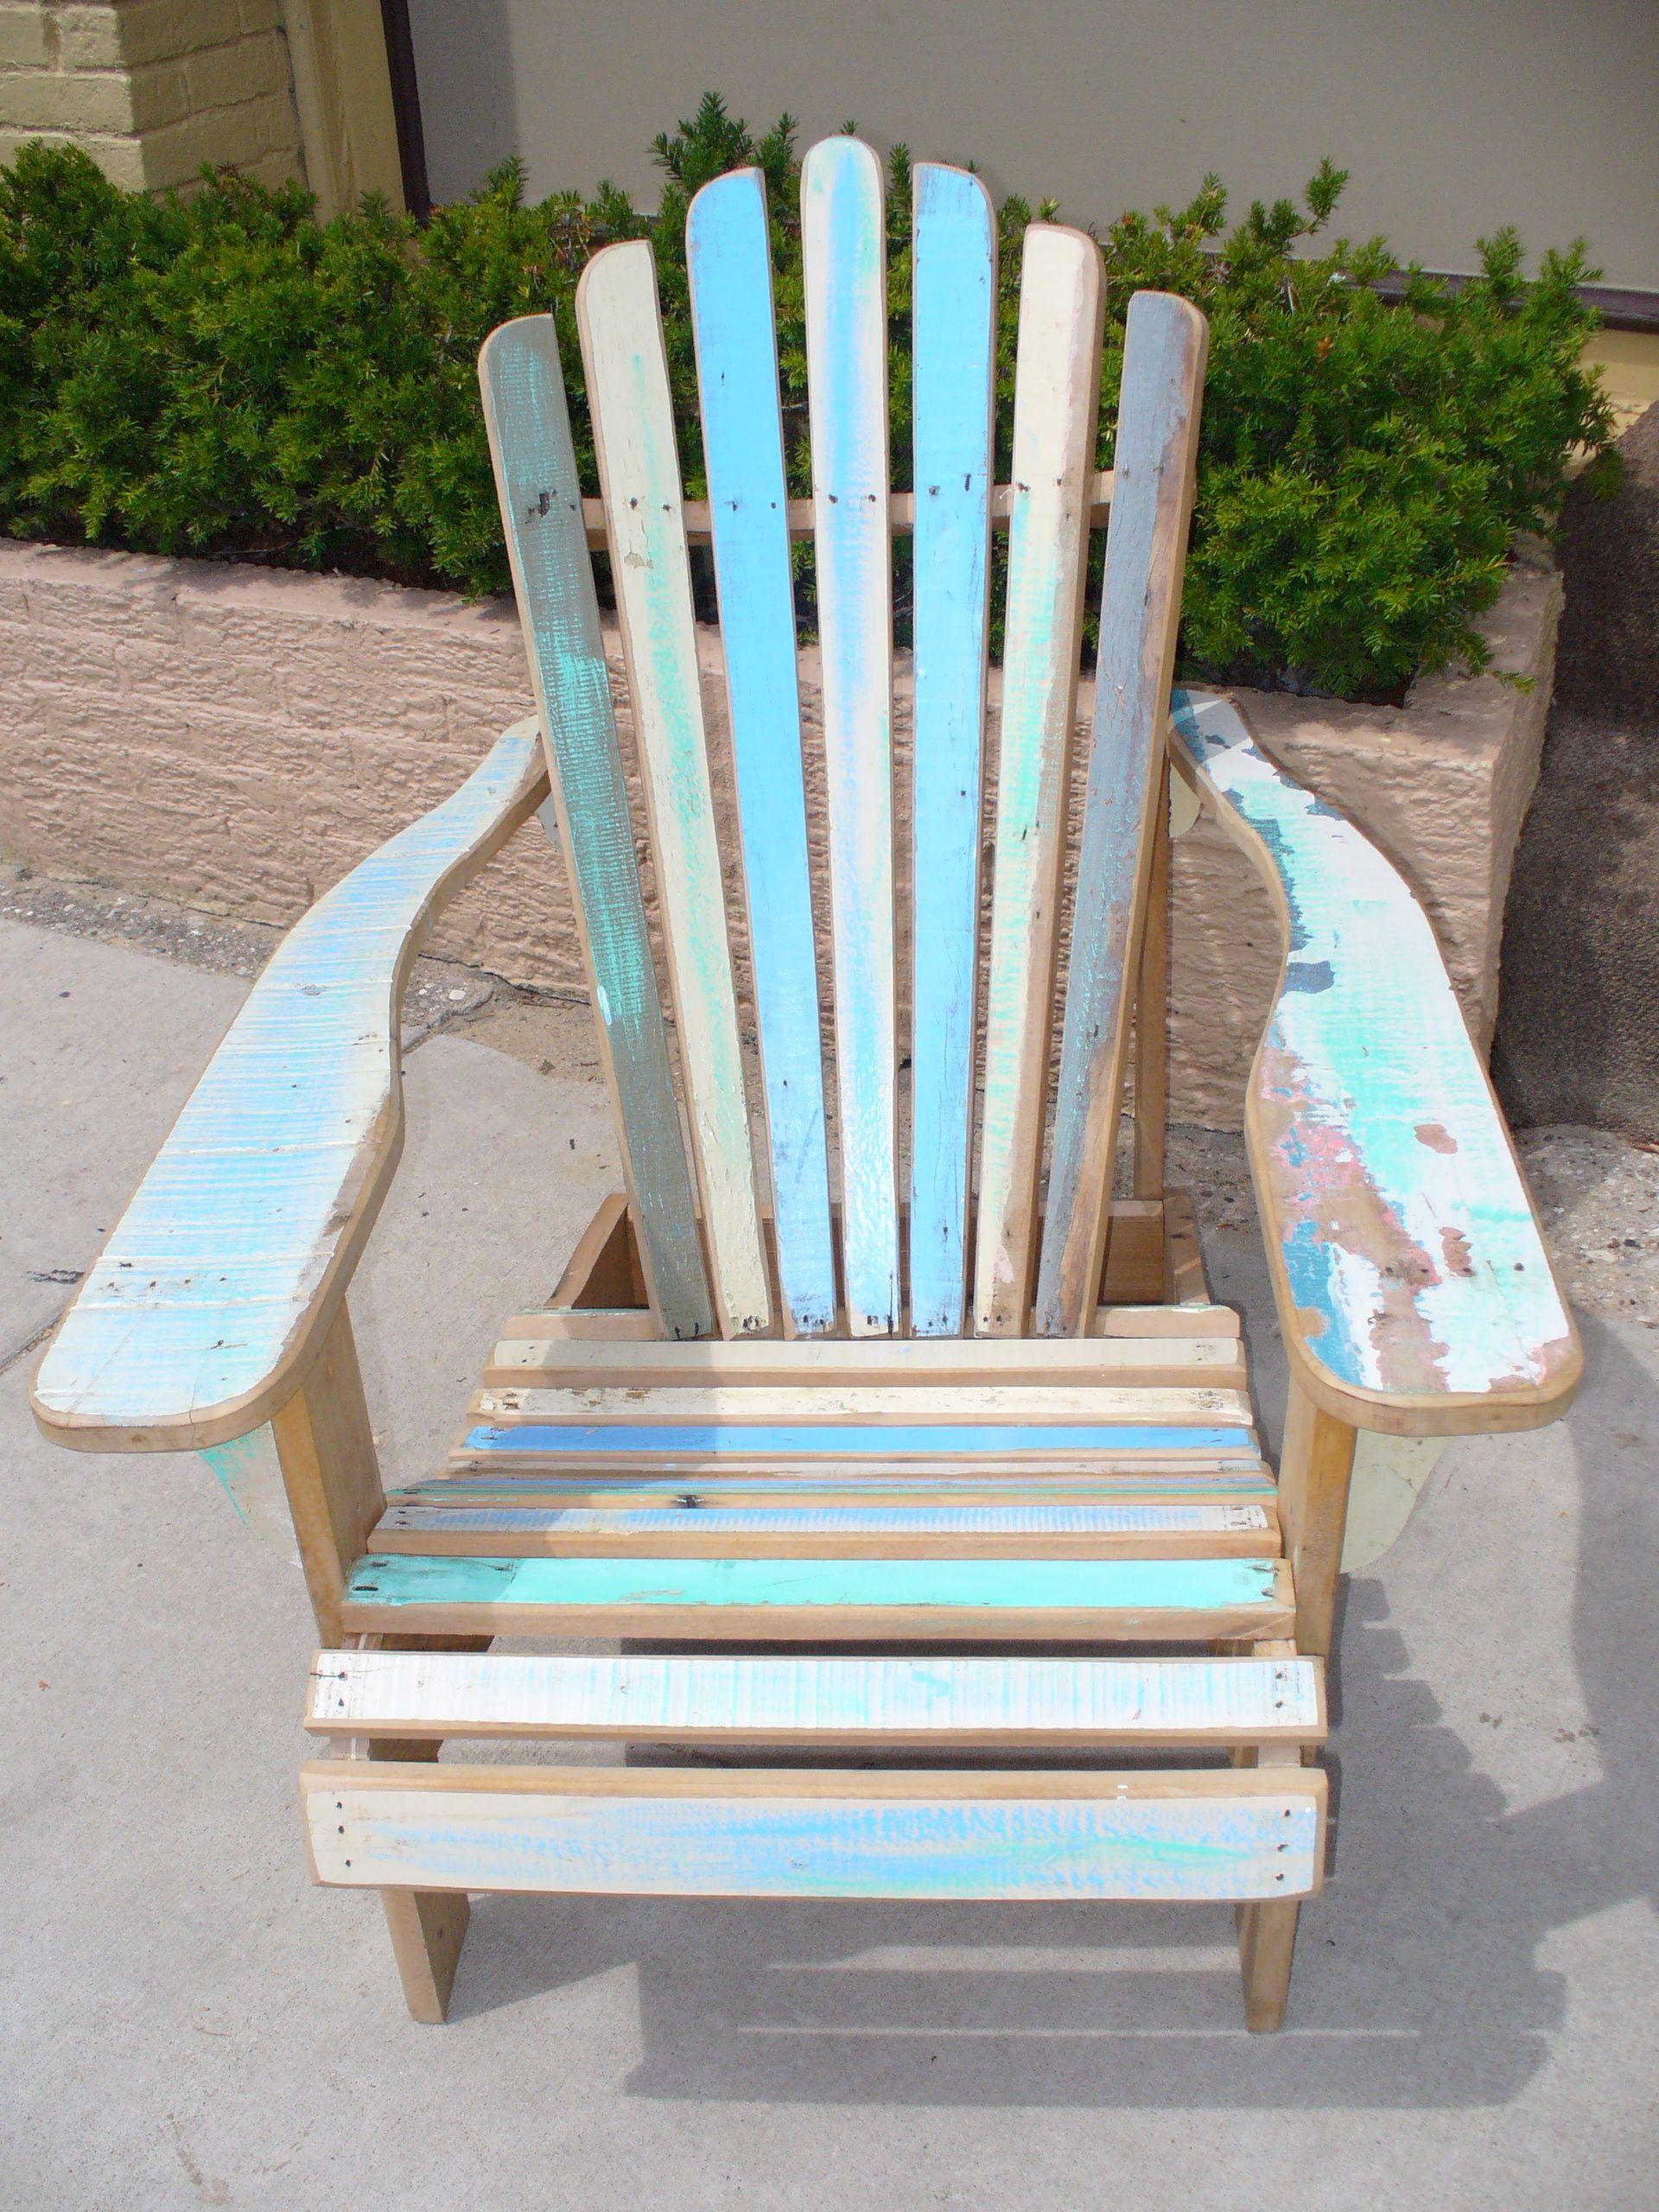 Strandhaus karibik holz  Michigan! | Pull up a chair! | Pinterest | Farben, Strände und ...